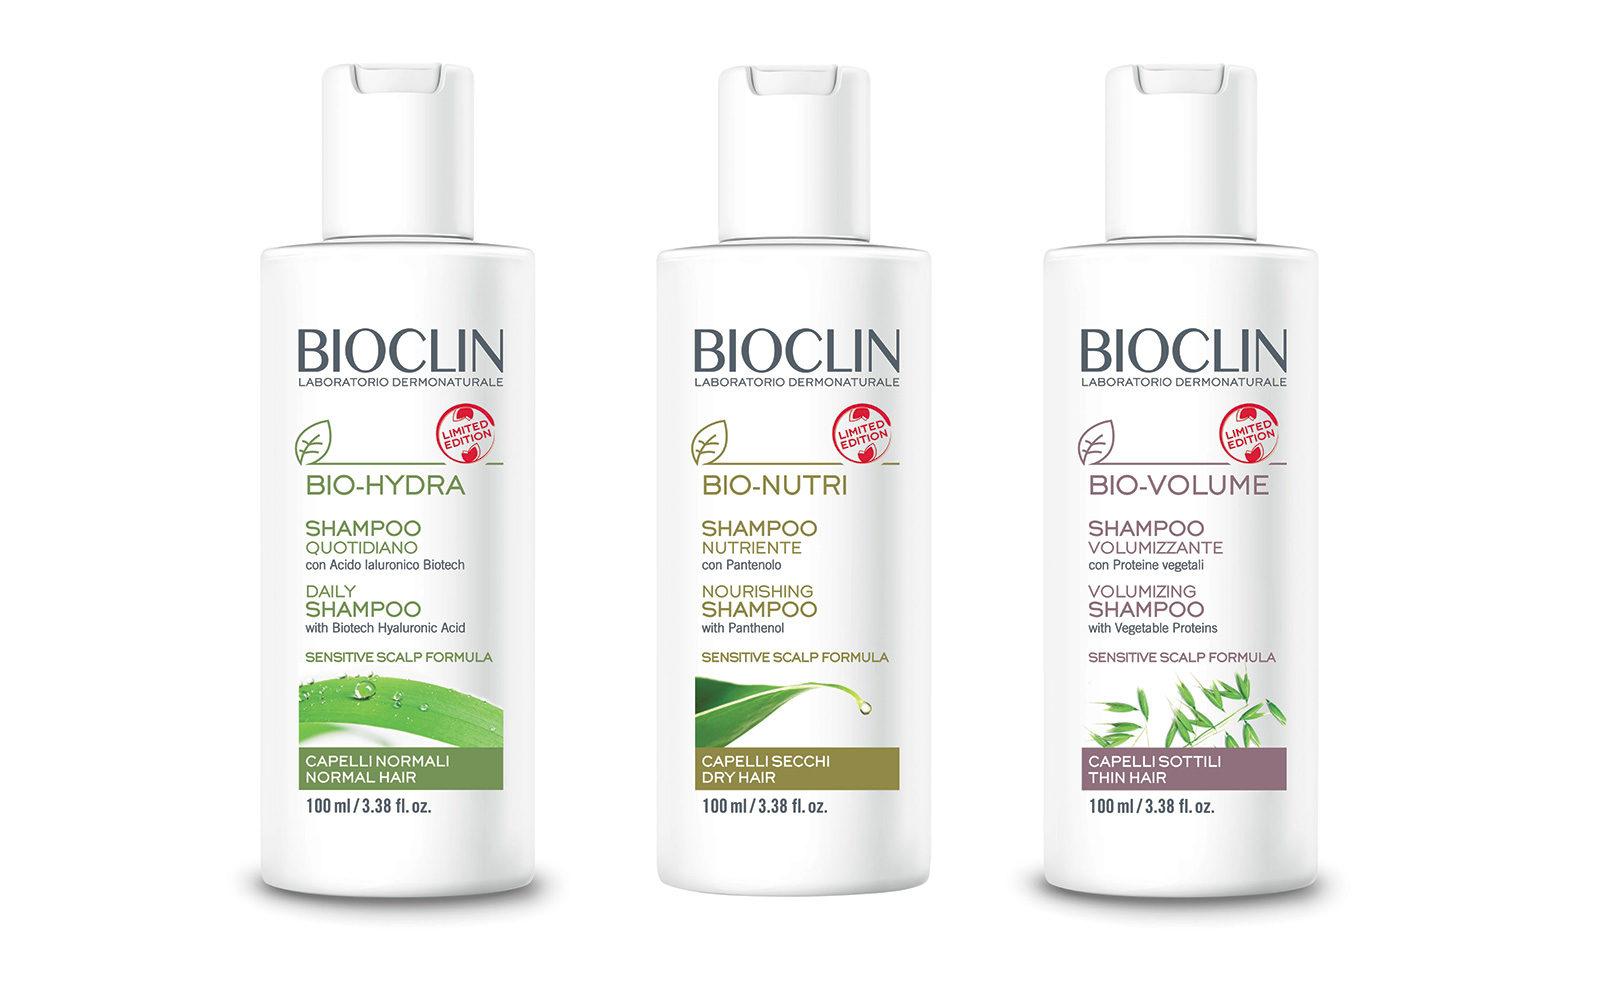 Formato travel size per lo Shampoo Bio-Nutri di Bioclin, con pantenolo (farmacia, 3,90 euro).